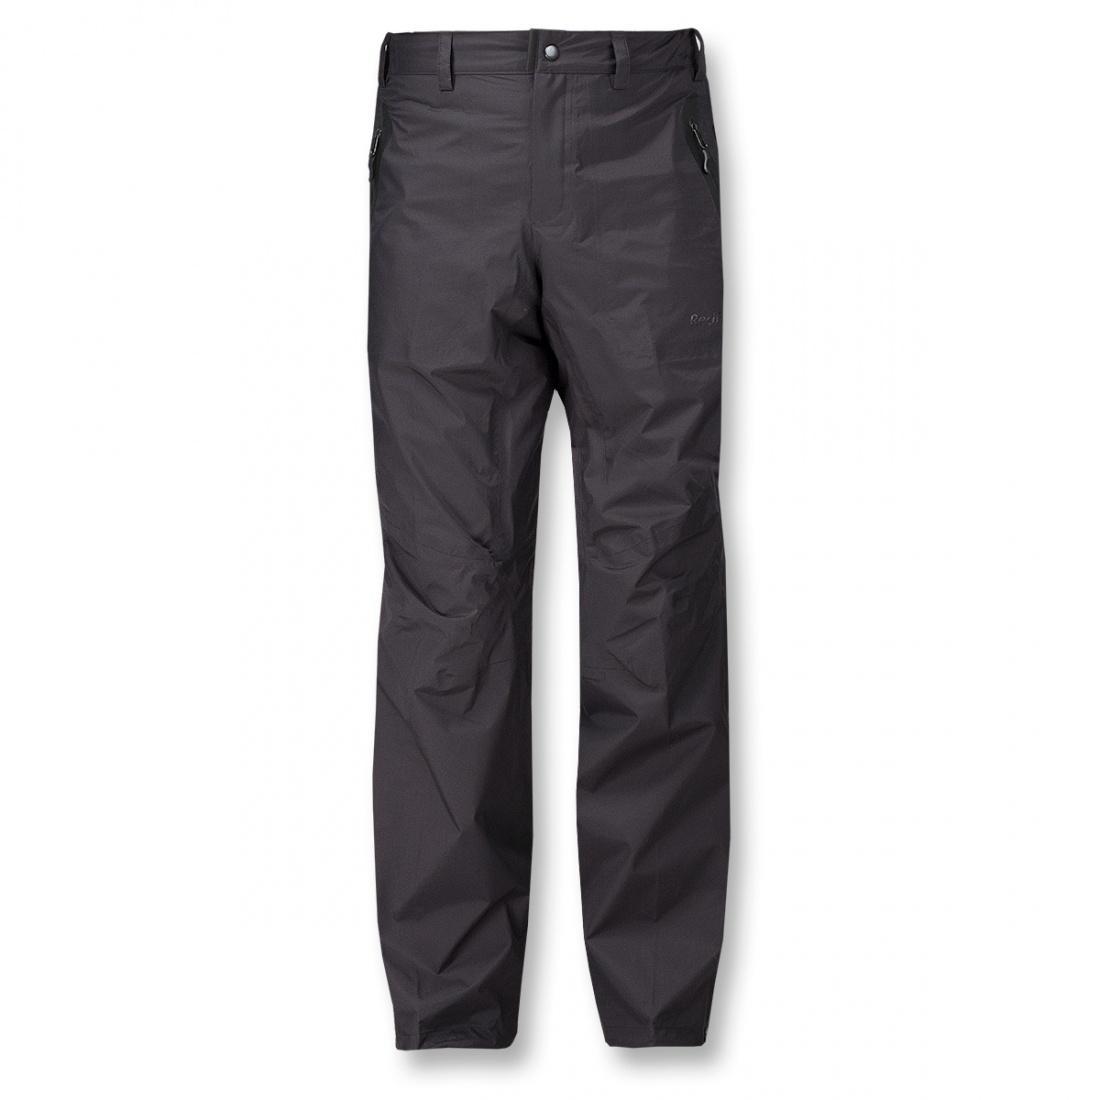 Брюки ветрозащитные Kara-Su 08Брюки, штаны<br>Очень легкие современные штормовые брюки Red Fox Kara-Su 08 из серии Nordic Style, помещающиеся даже в карман куртки, созданы в дополнение к куртке &lt;a href=/...<br><br>Цвет: Черный<br>Размер: 48